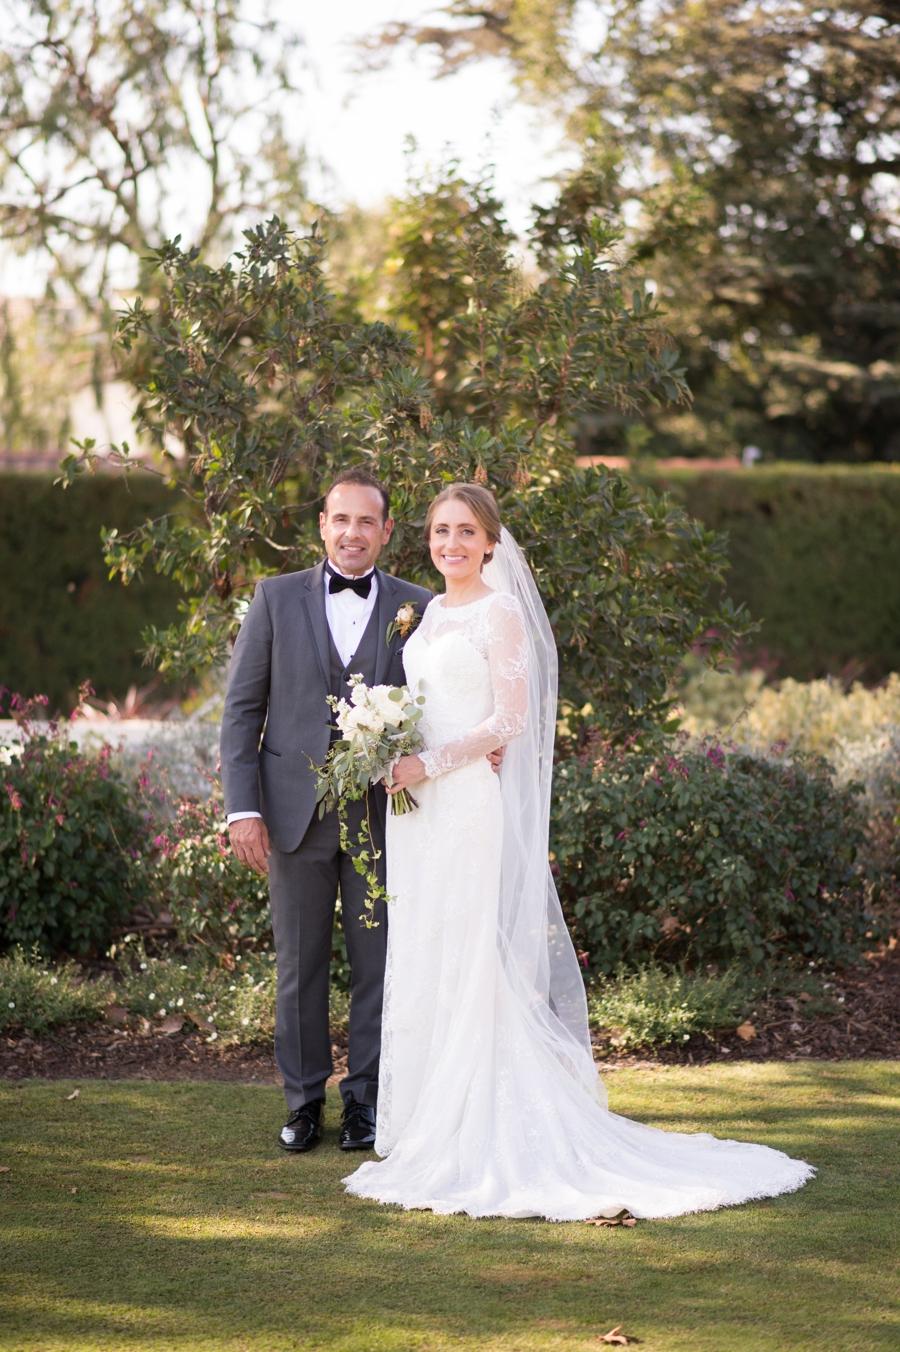 SoCal_Burbank_Hollywood_Wedding_JC_023.jpg